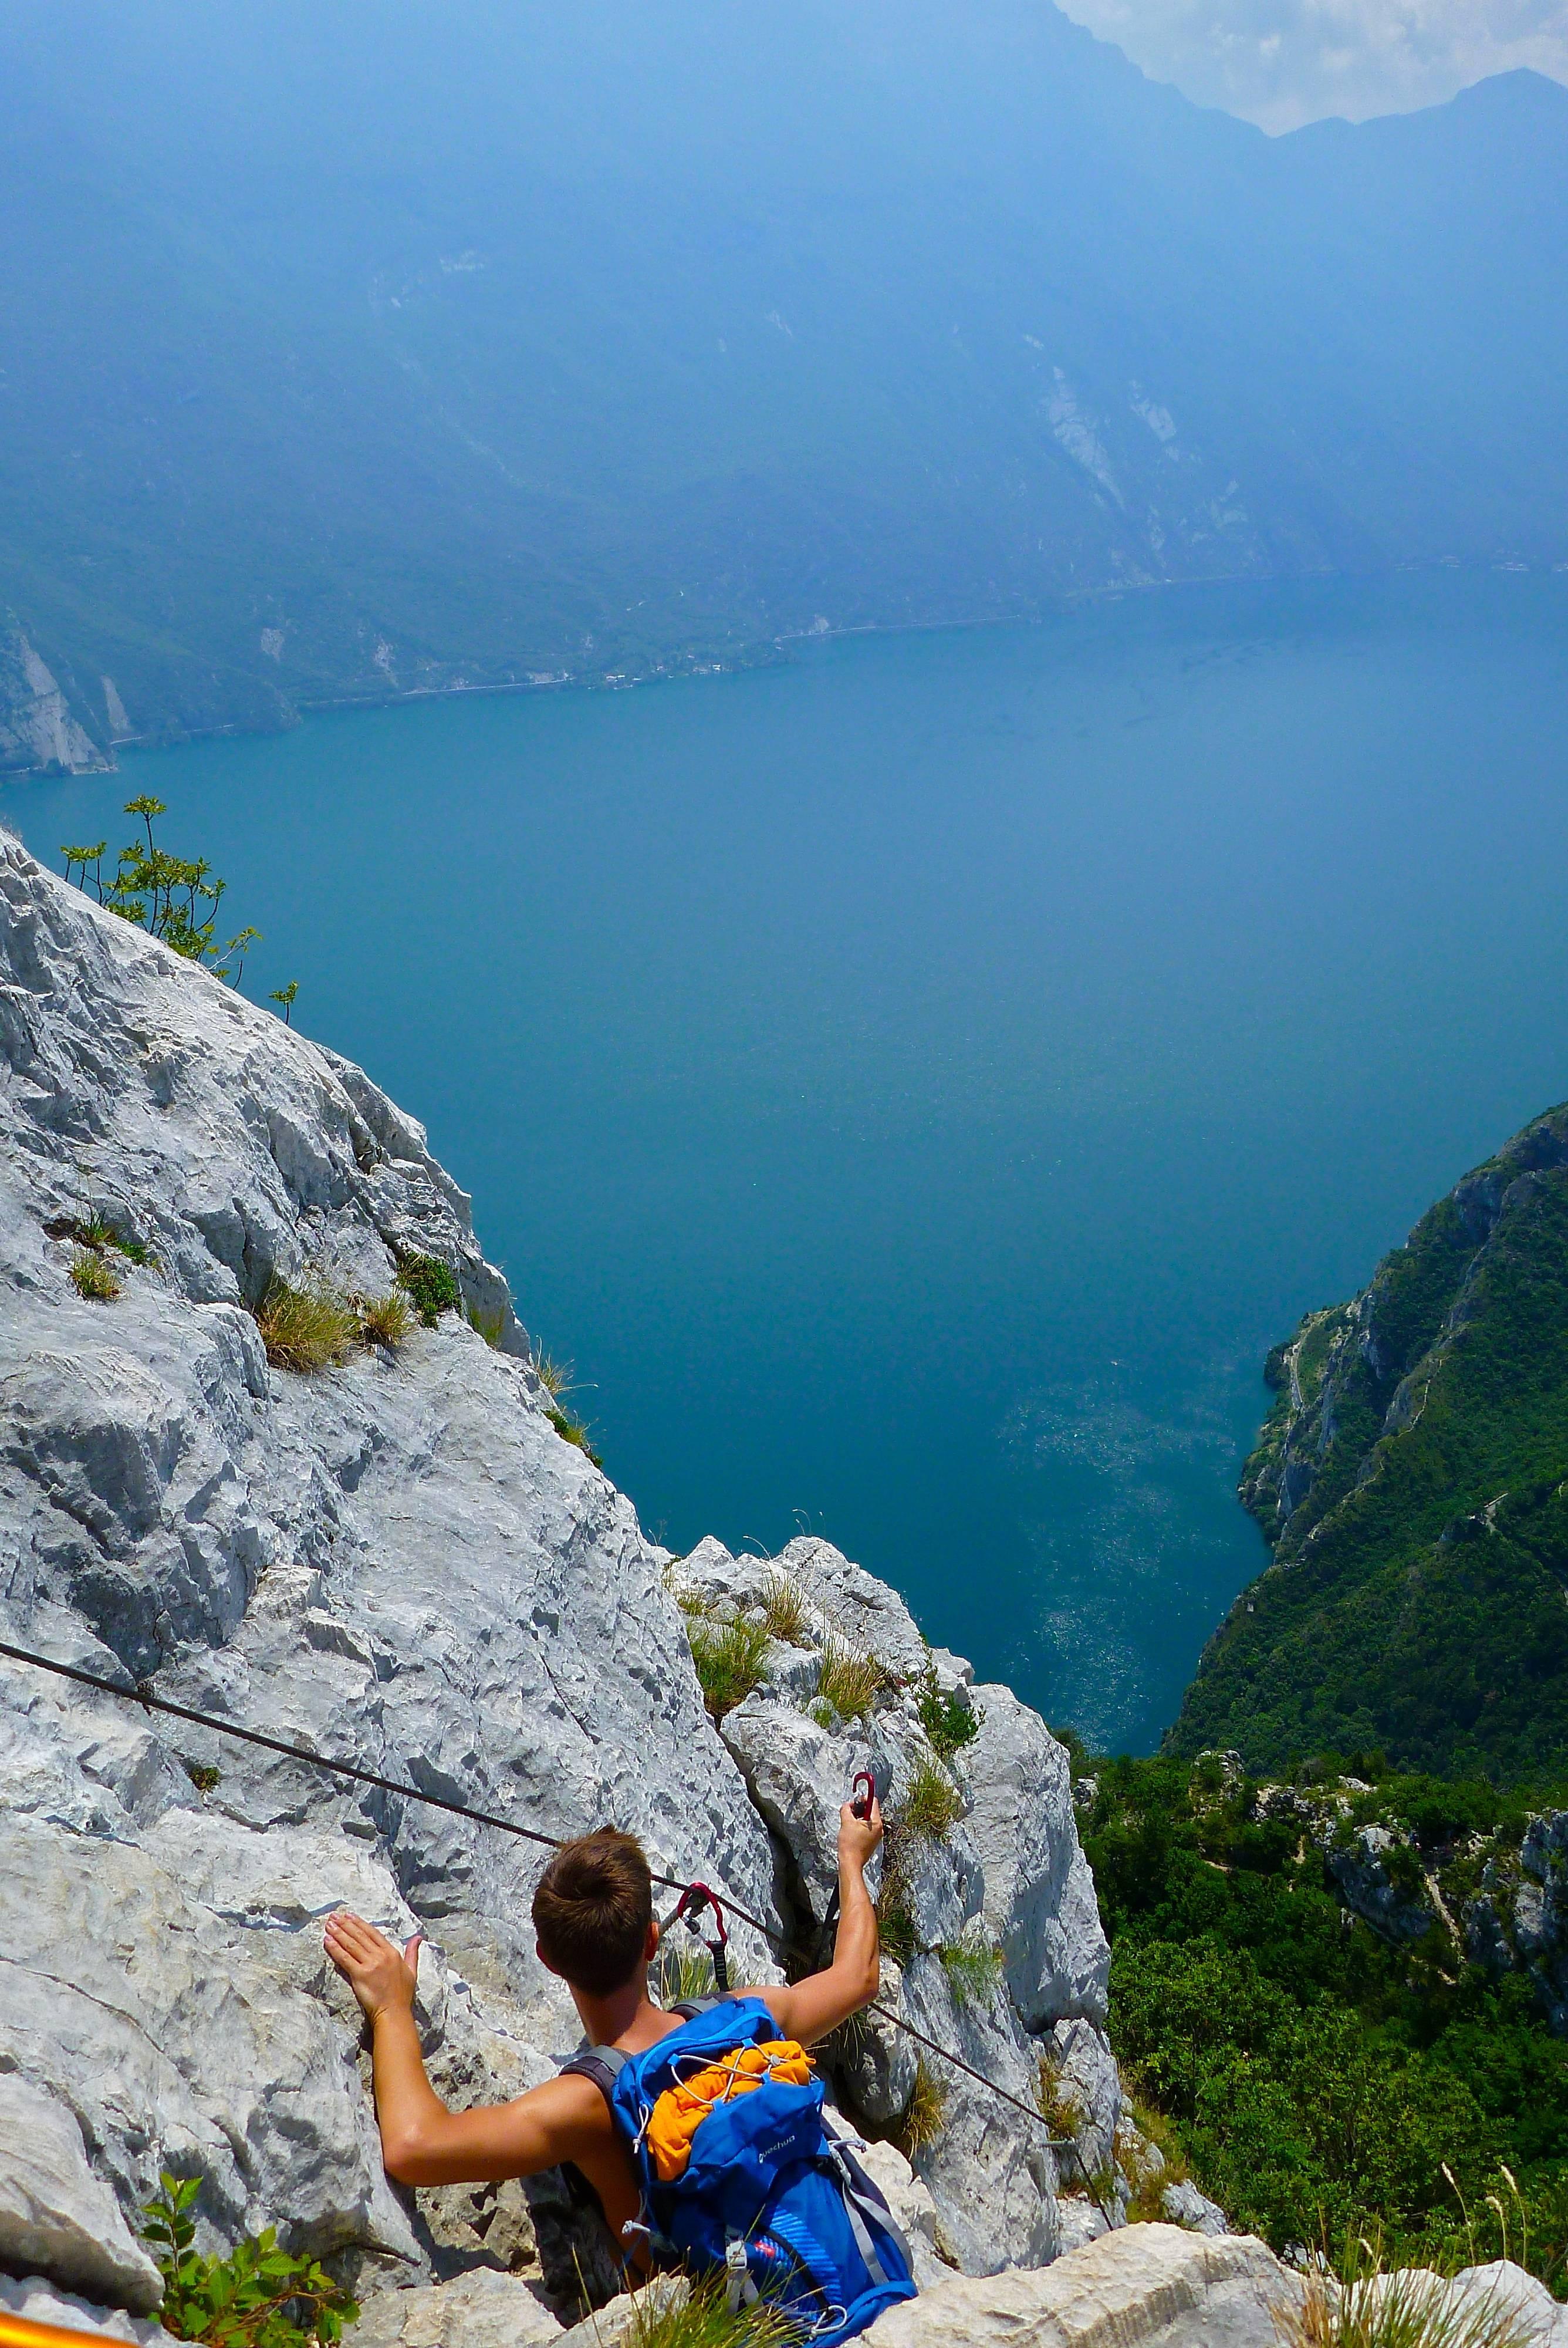 Photo 2: Randonner au dessus du Lac de Garde